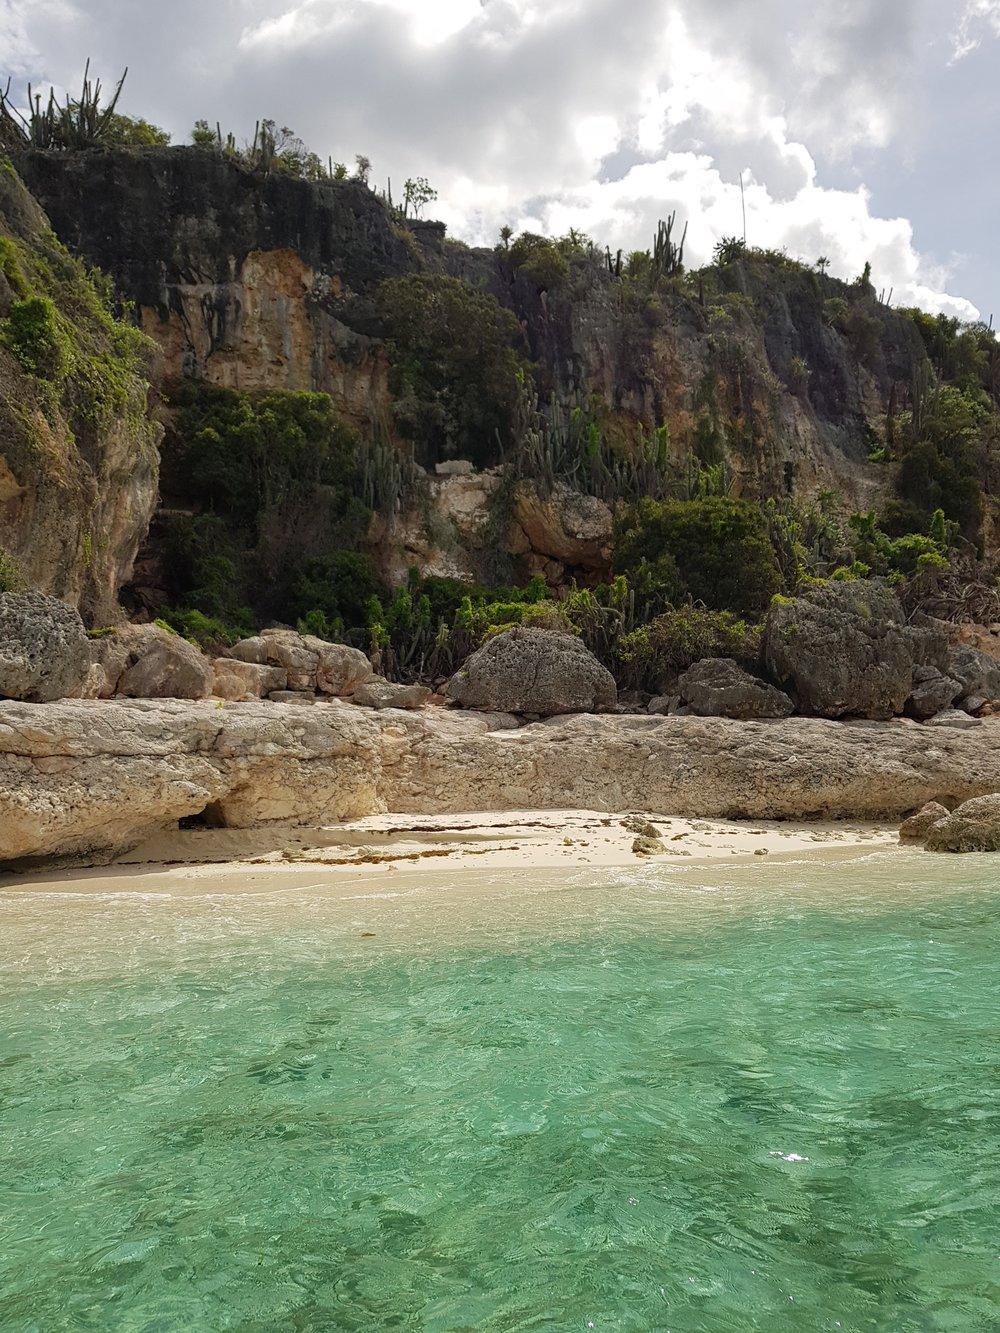 Esta playa está antes de llegar a Bahia, un rinconcito privado donde las aves tienen sus nidos.